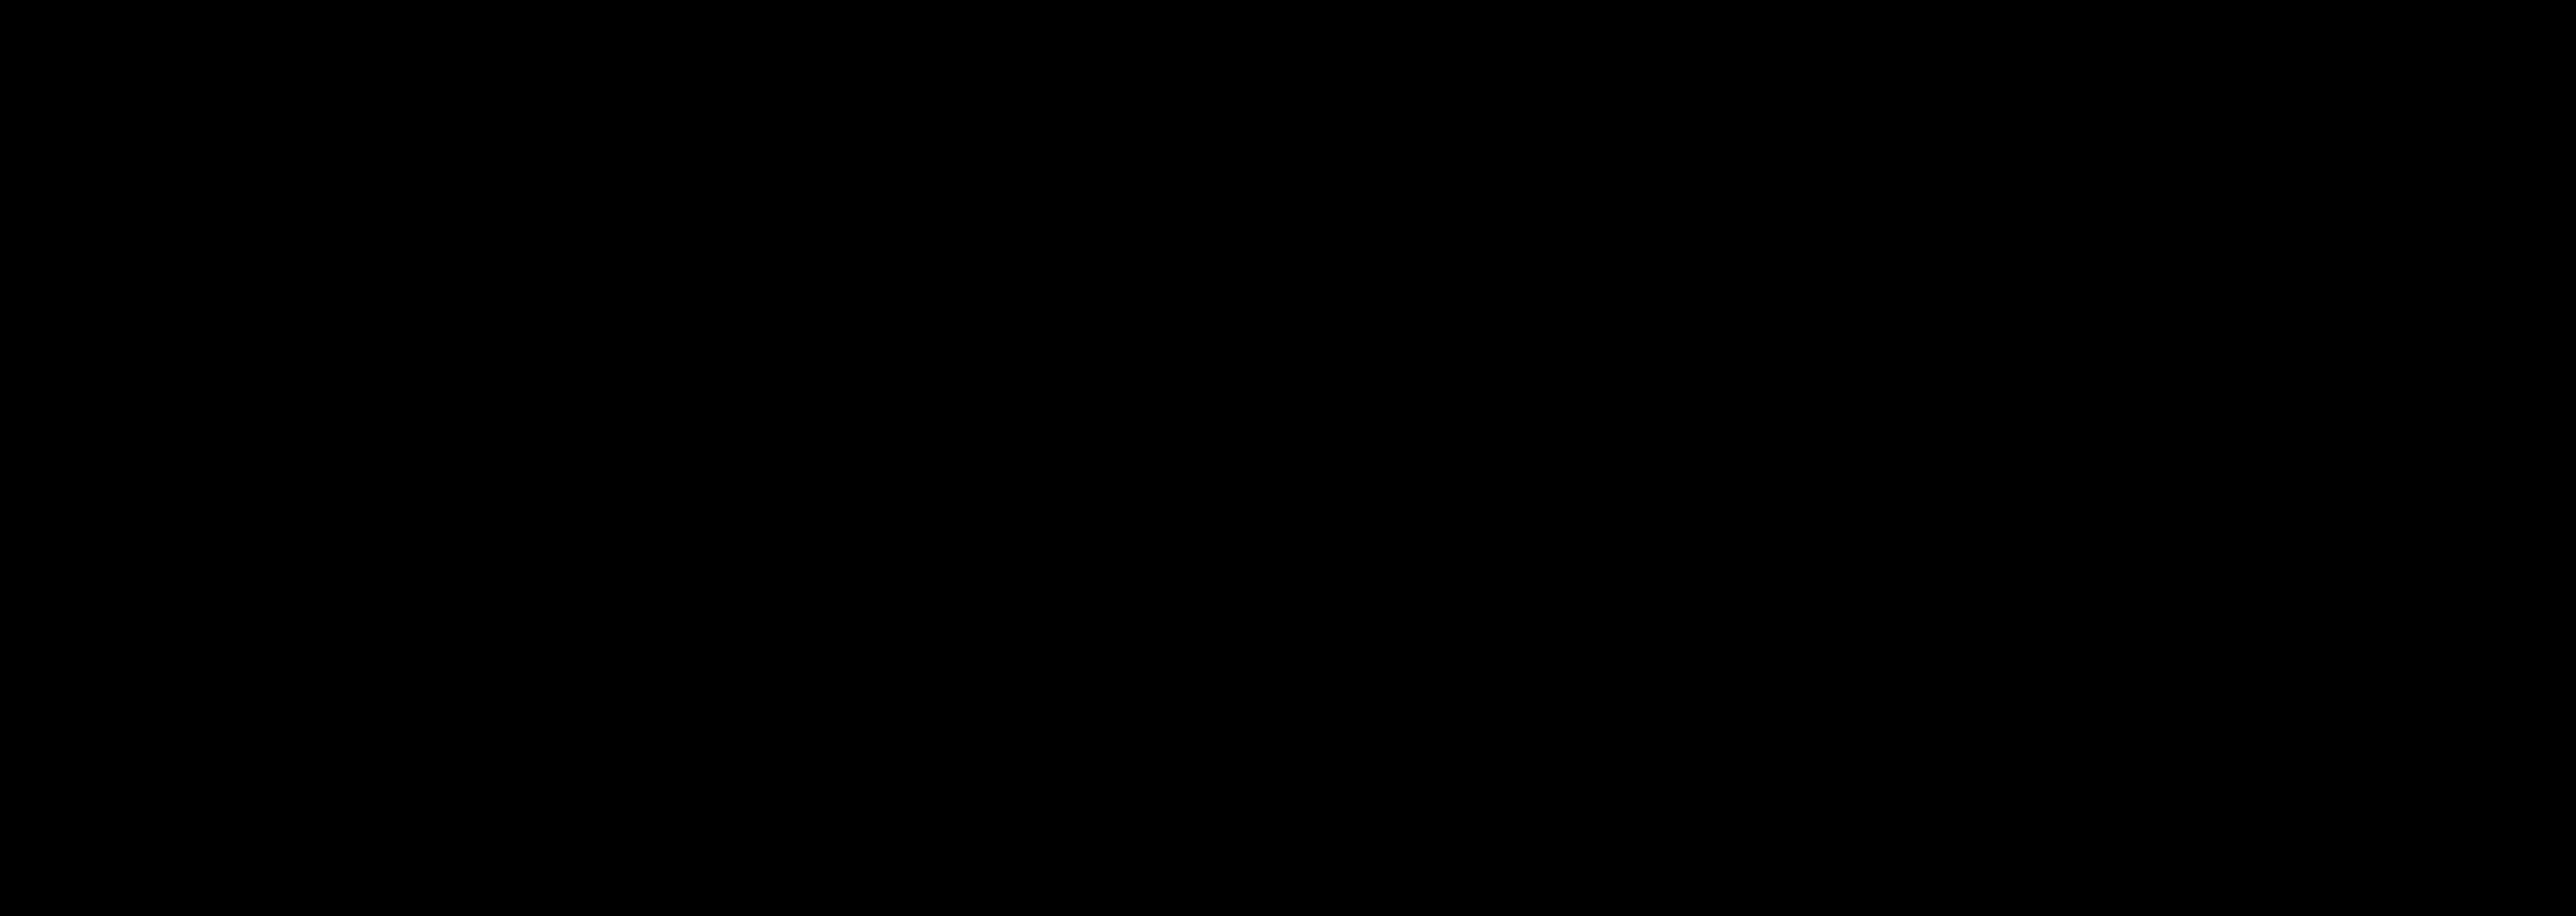 jirafix logo